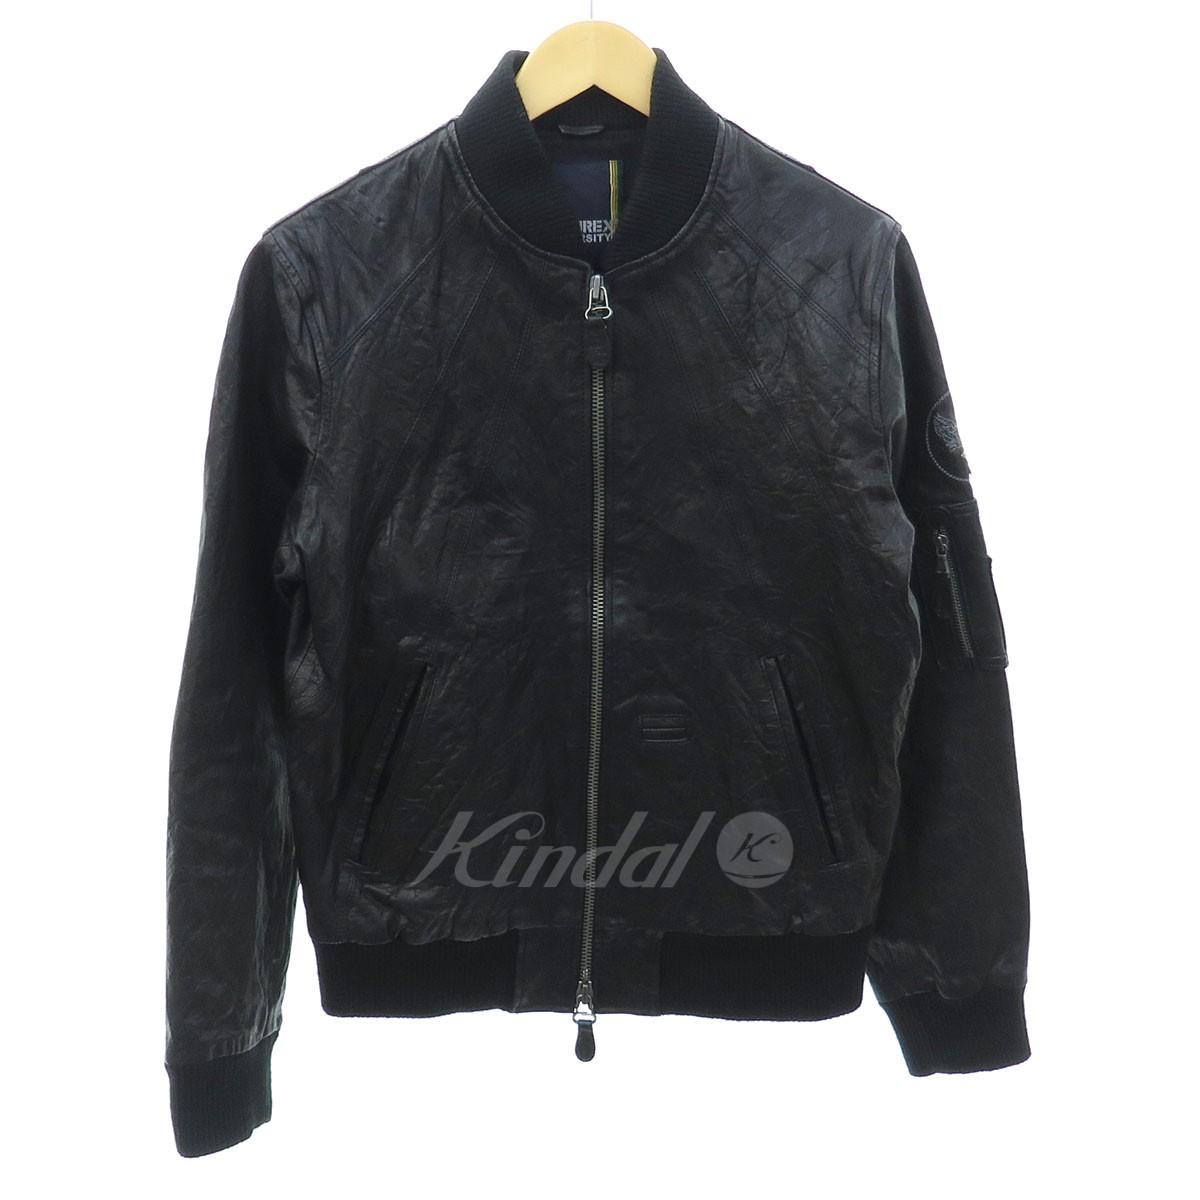 【中古】AVIREX MA-1 M.O.Eレザージャケット ブラック サイズ:M 【送料無料】 【221018】(アビレックス)